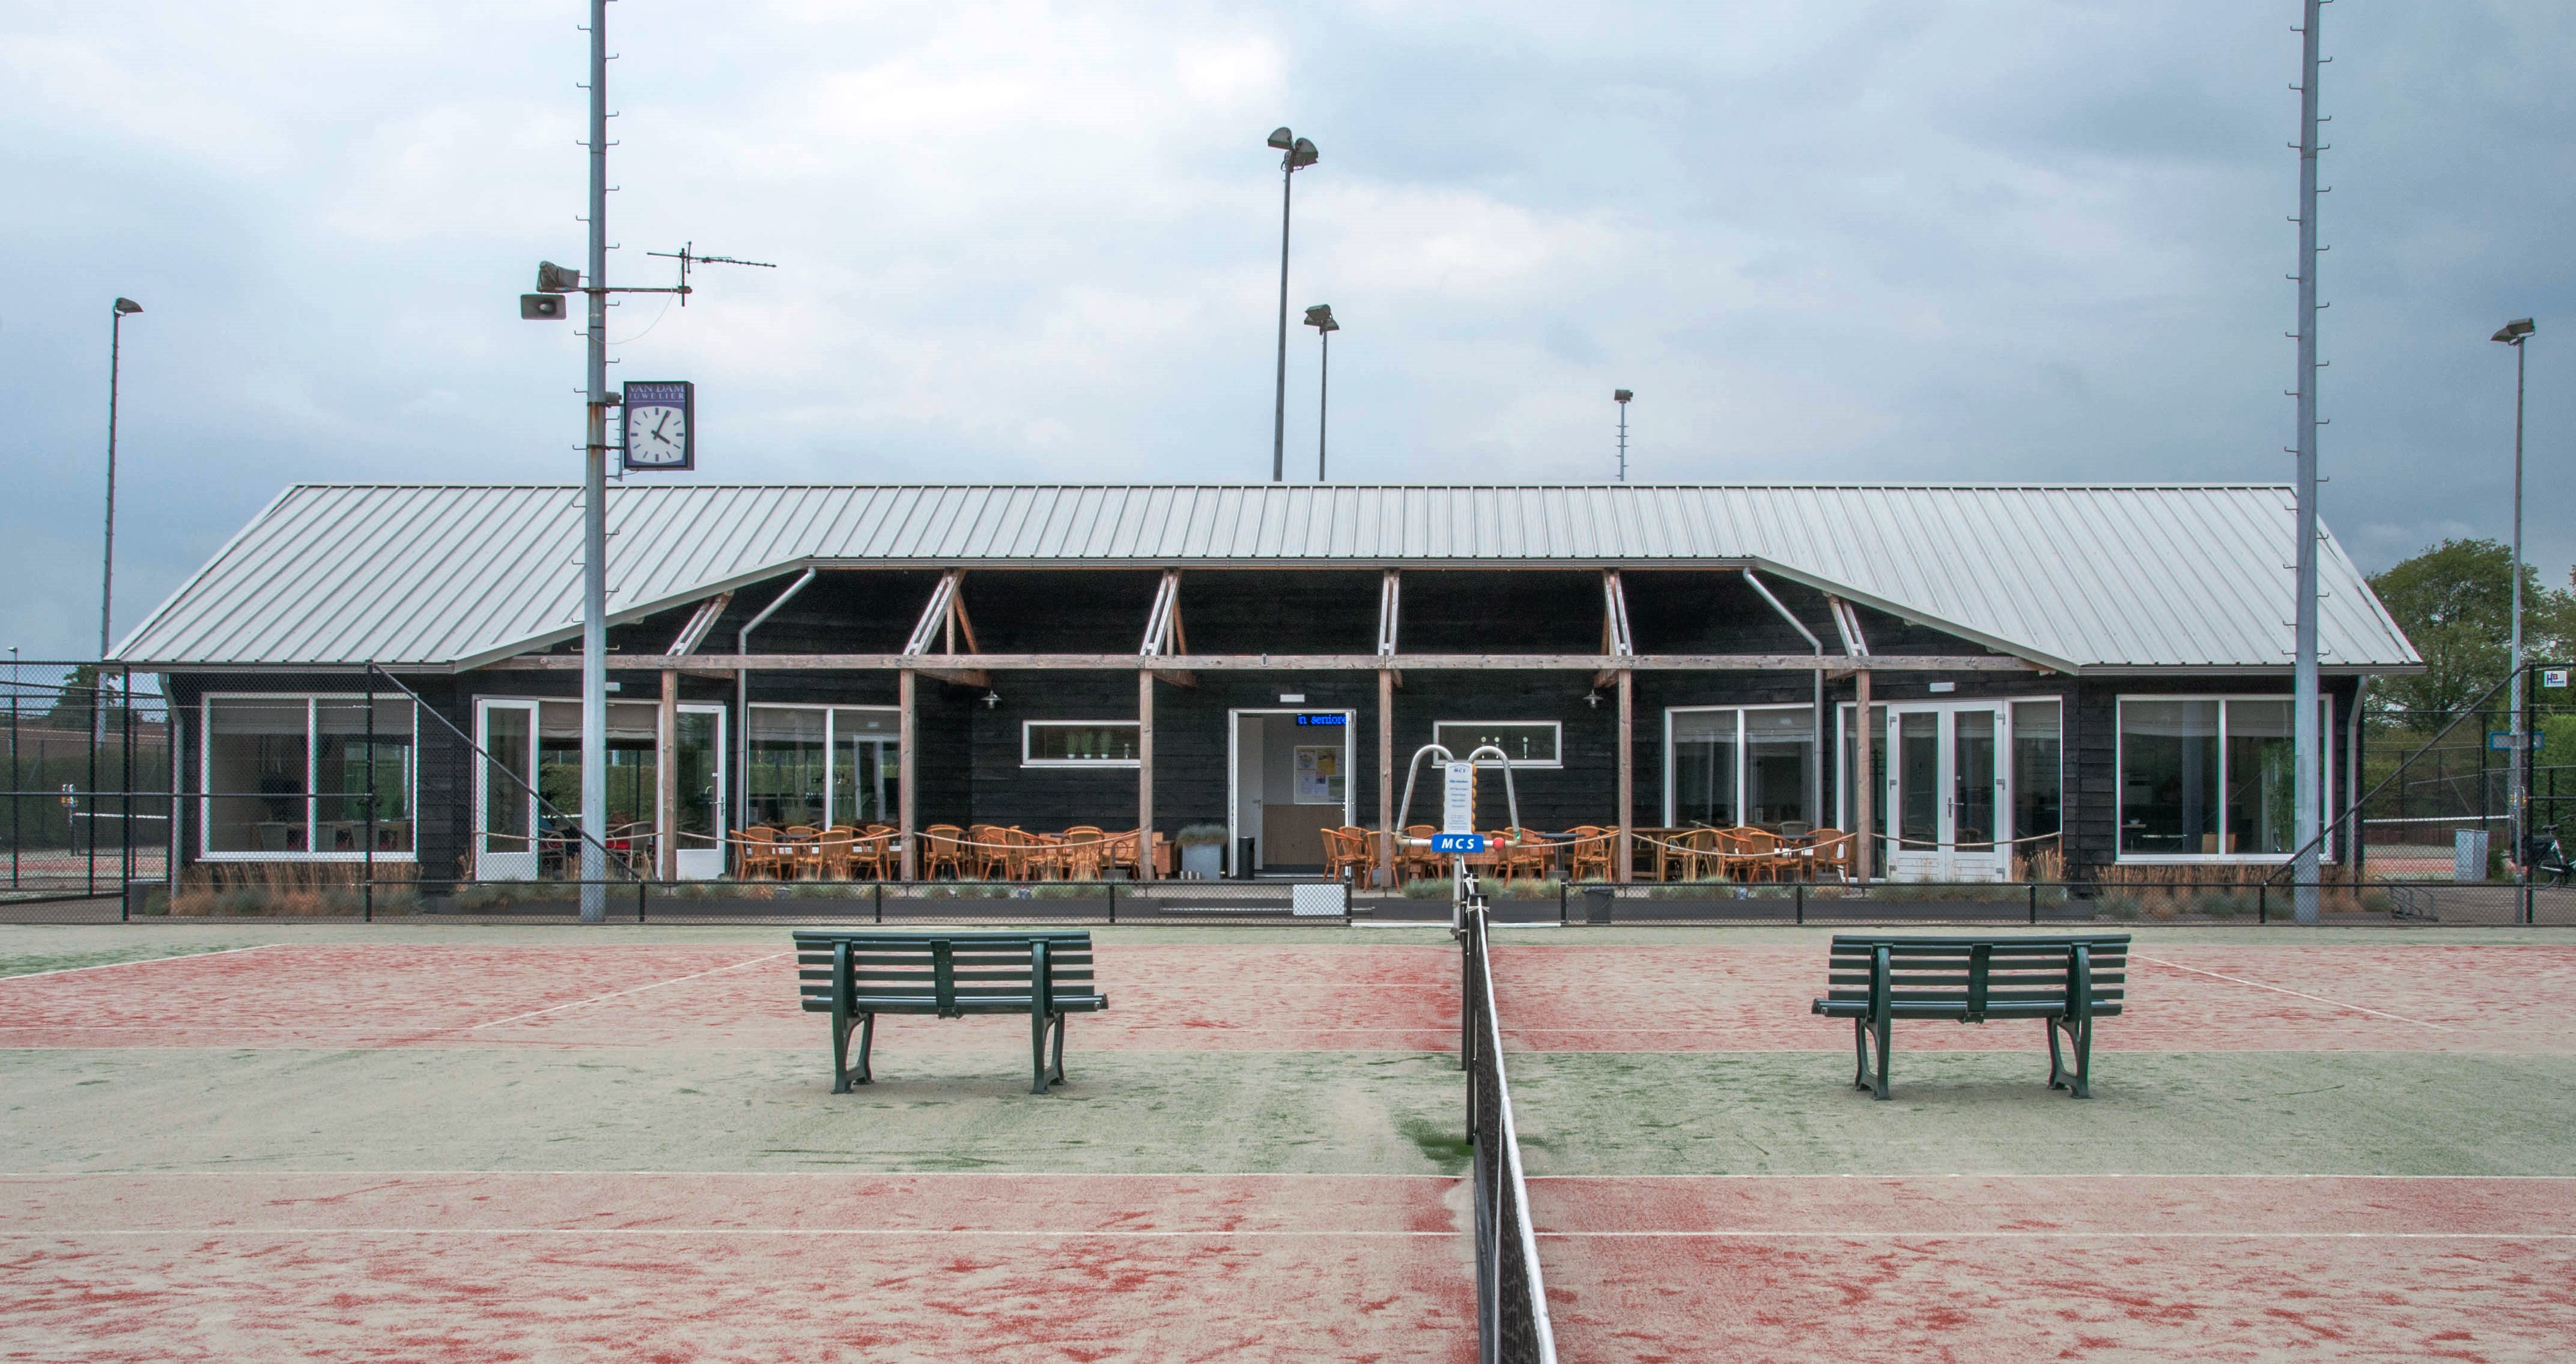 d954243ce98b31 Na in een periode van twee jaar zowel het clubhuis als alle tennisbanen  compleet te hebben vernieuwd